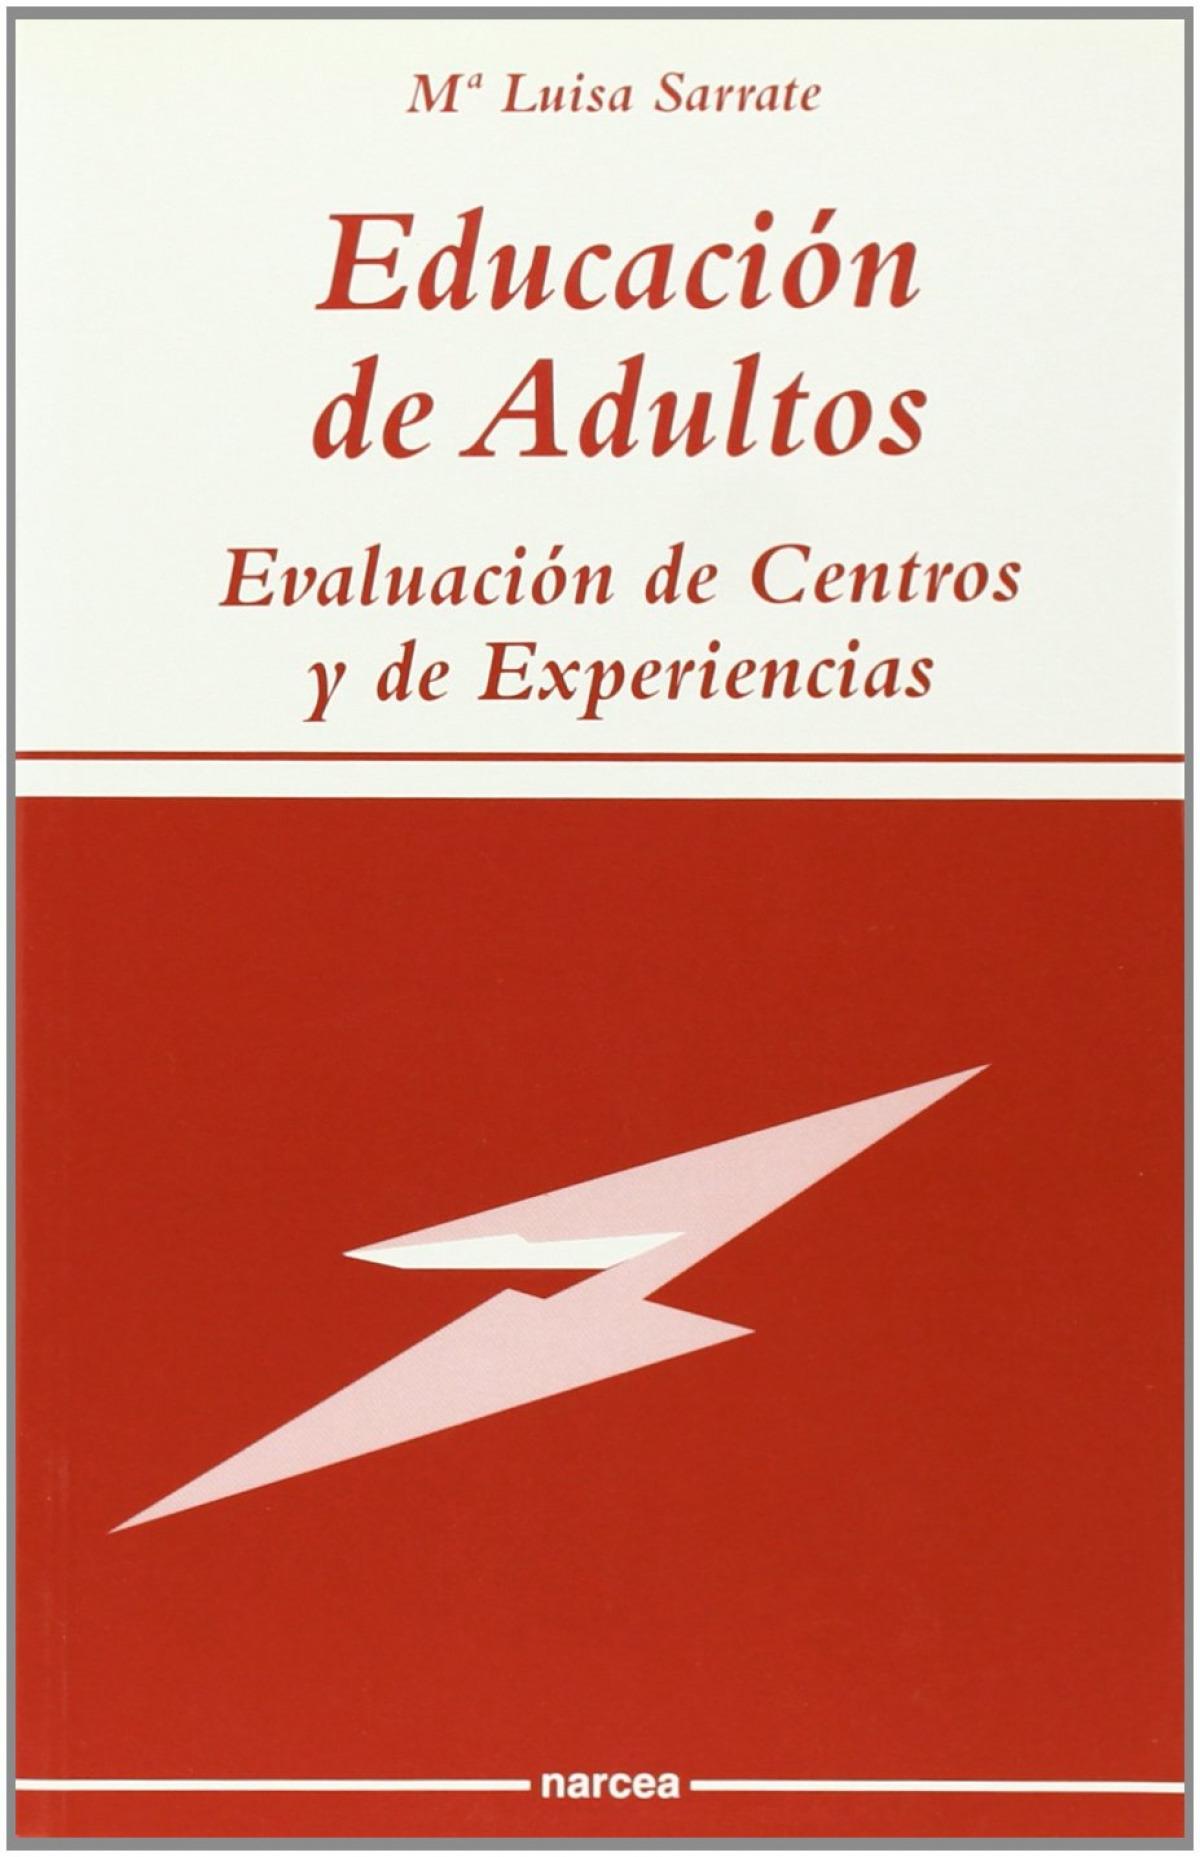 EDUCACION DE ADULTOS